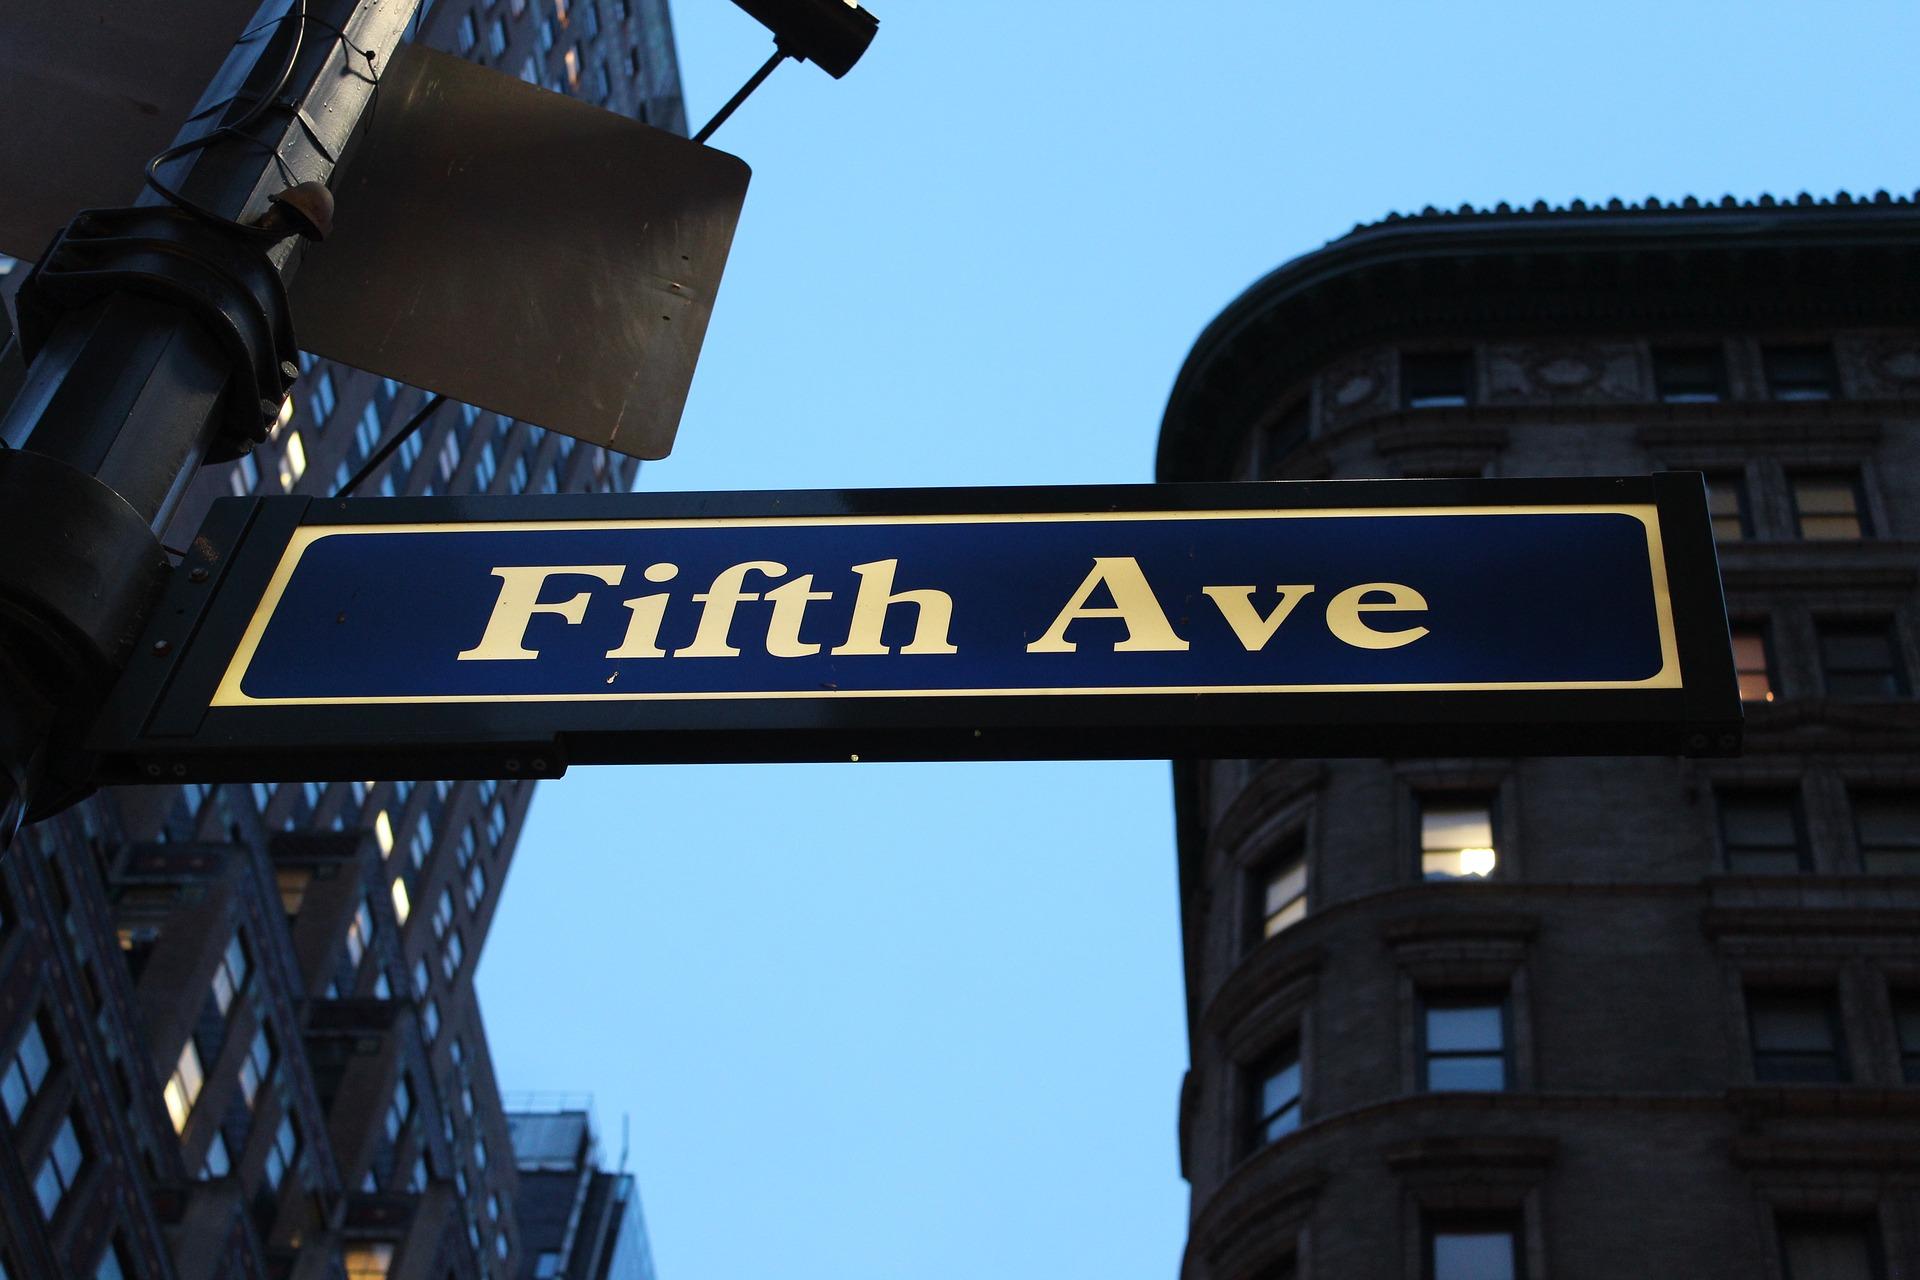 纽约第五大道深陷租金纠纷,楼盘空置率持续走高